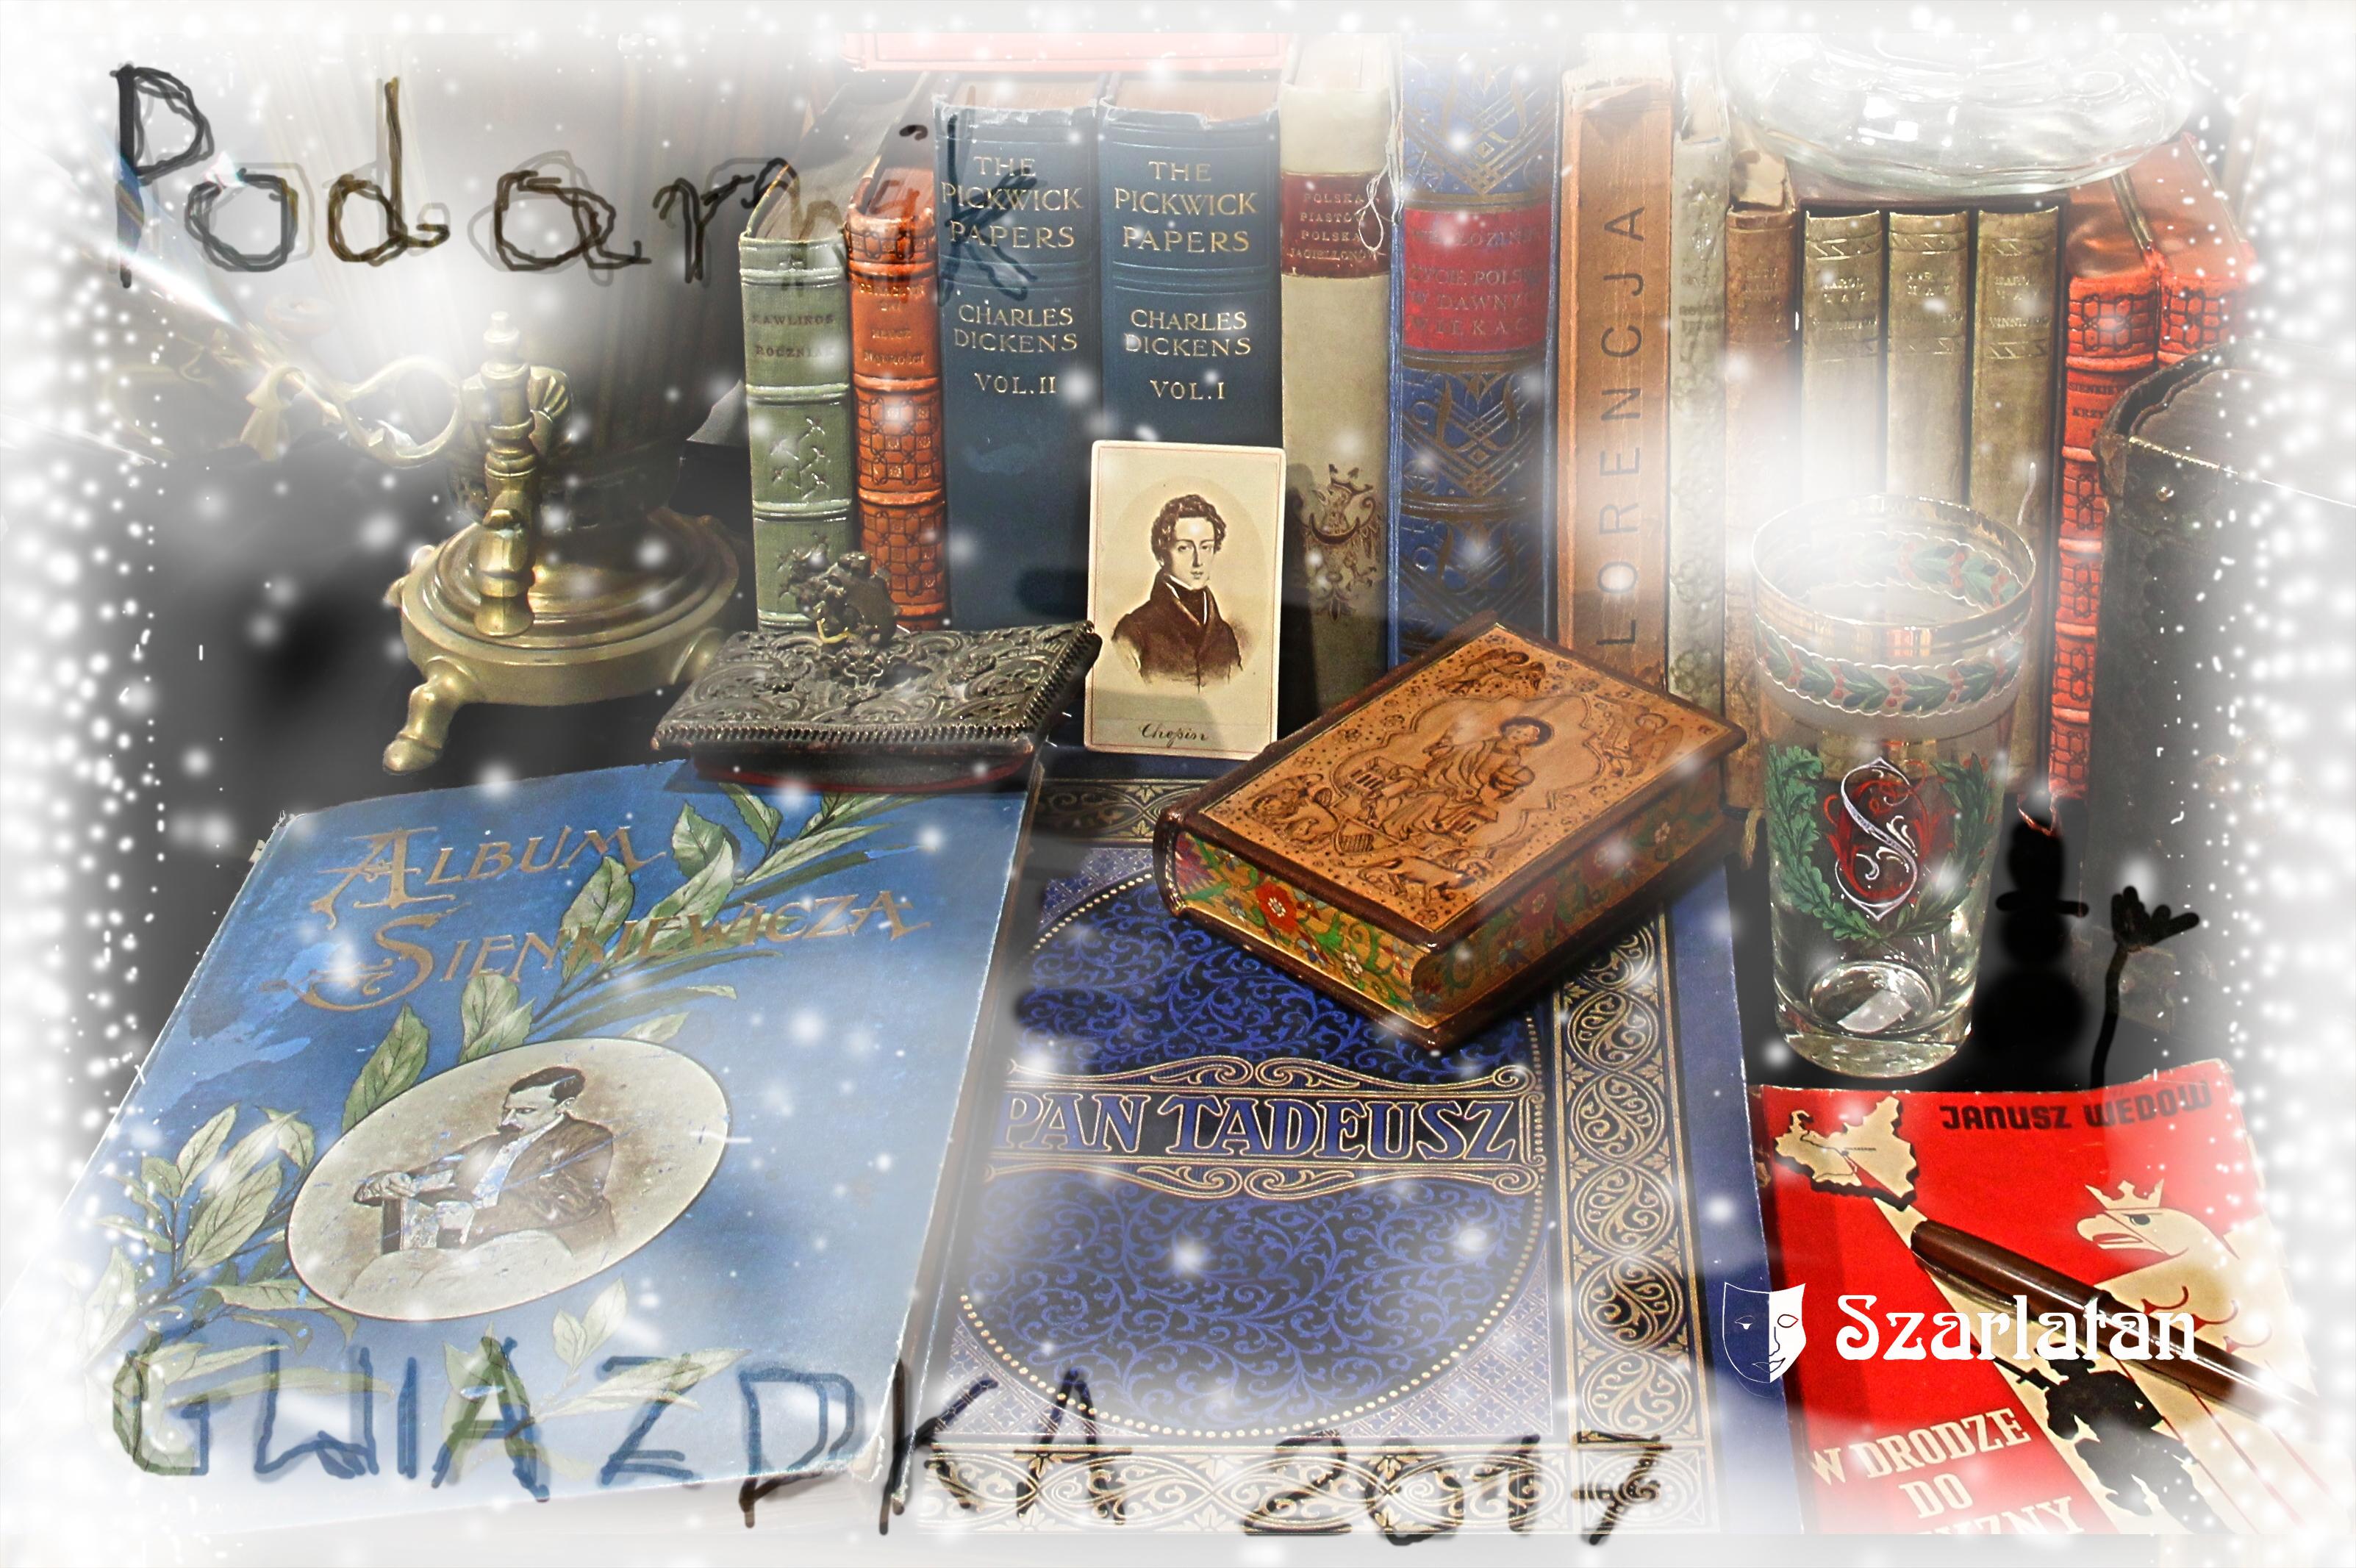 PODARNIK SZARLATANA GWIAZDKA 2017